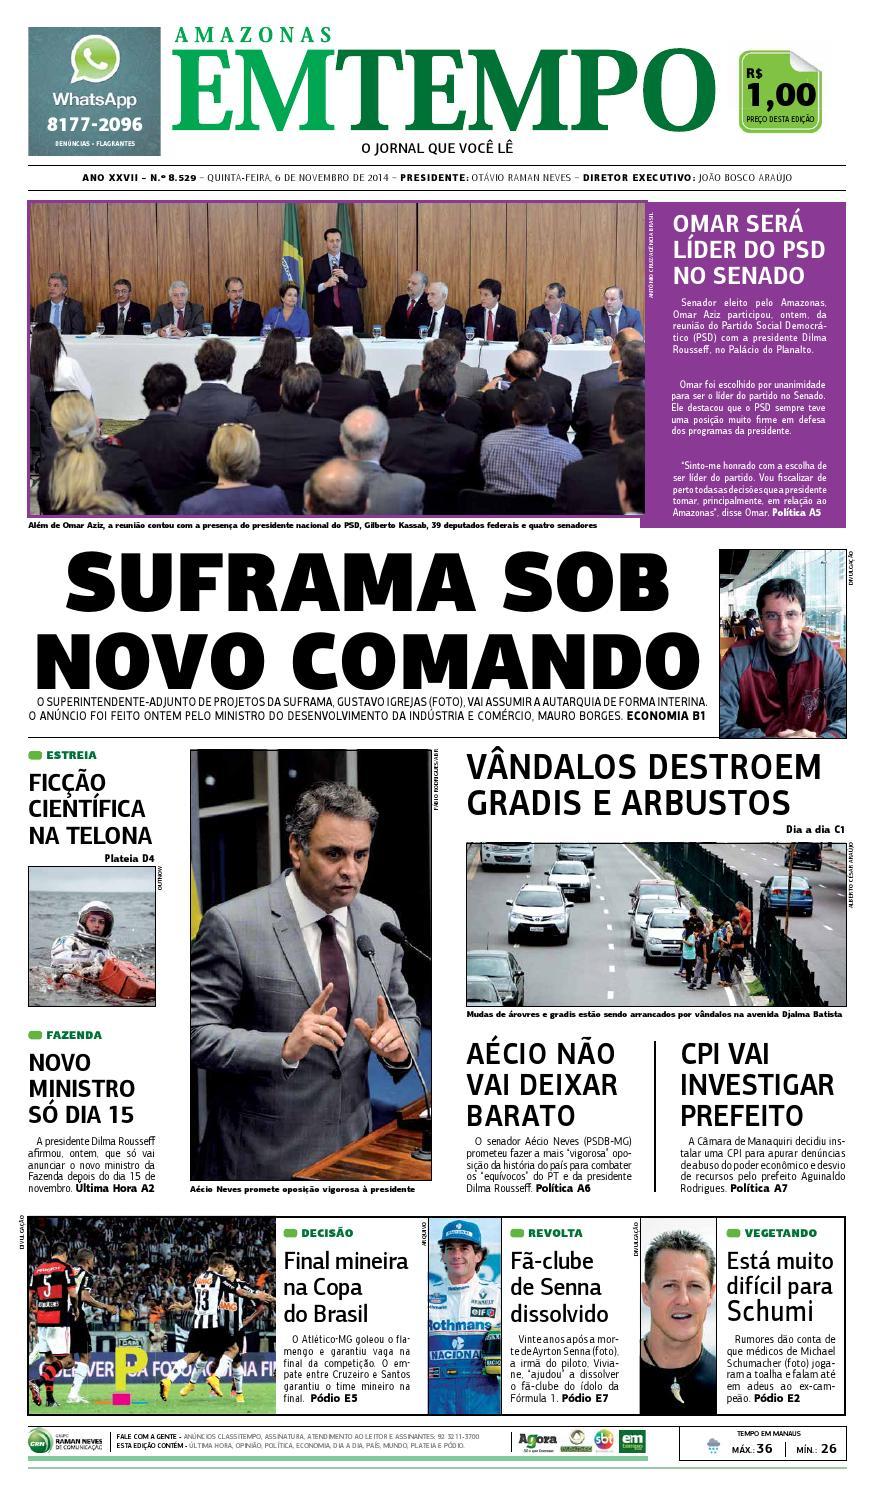 edcfe34f05ab8 EM TEMPO - 6 de novembro de 2014 by Amazonas Em Tempo - issuu